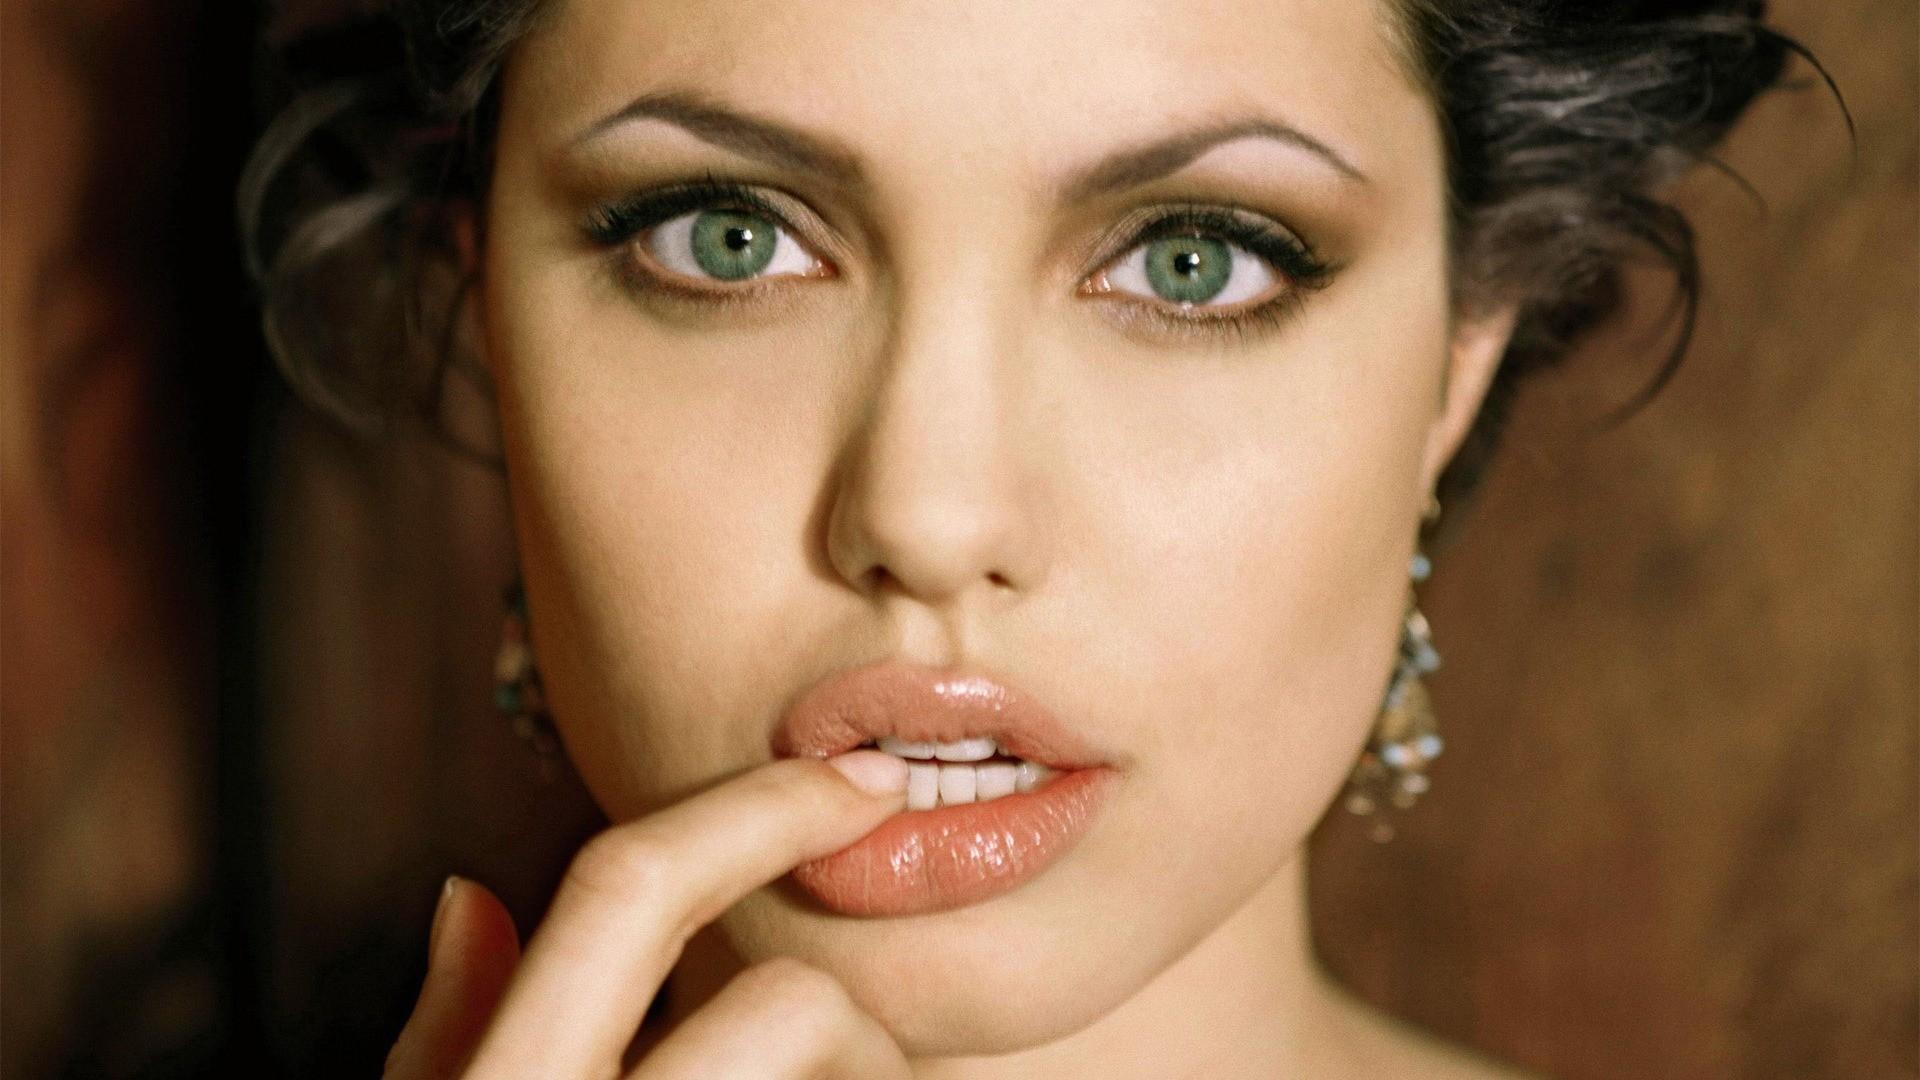 Фото с пухленькими губками, Девушки с отвисшими половыми губами - (65 фото) 1 фотография